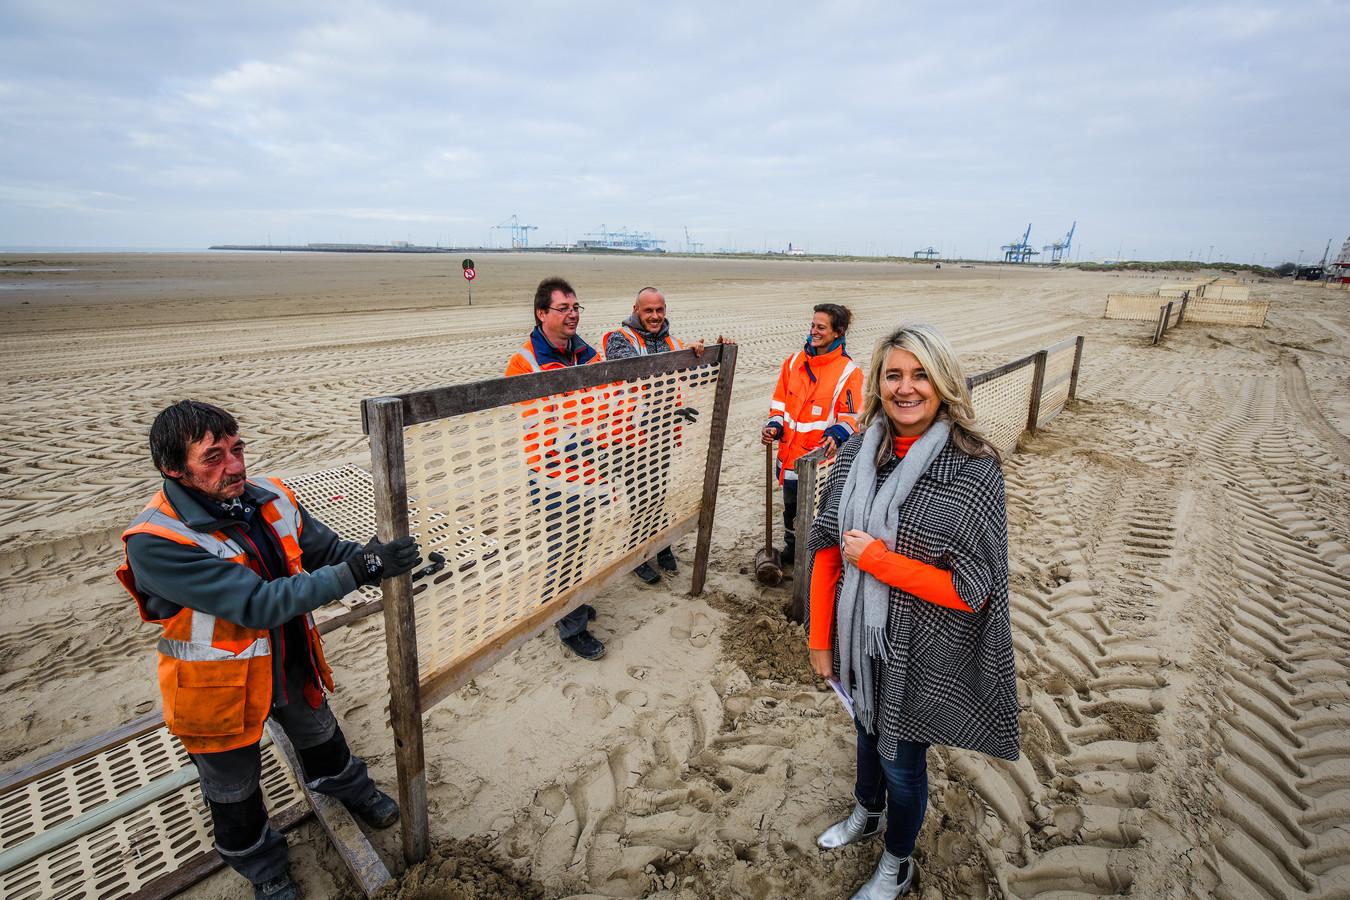 strand Zeebrugge wordt winterklaar gemaakt